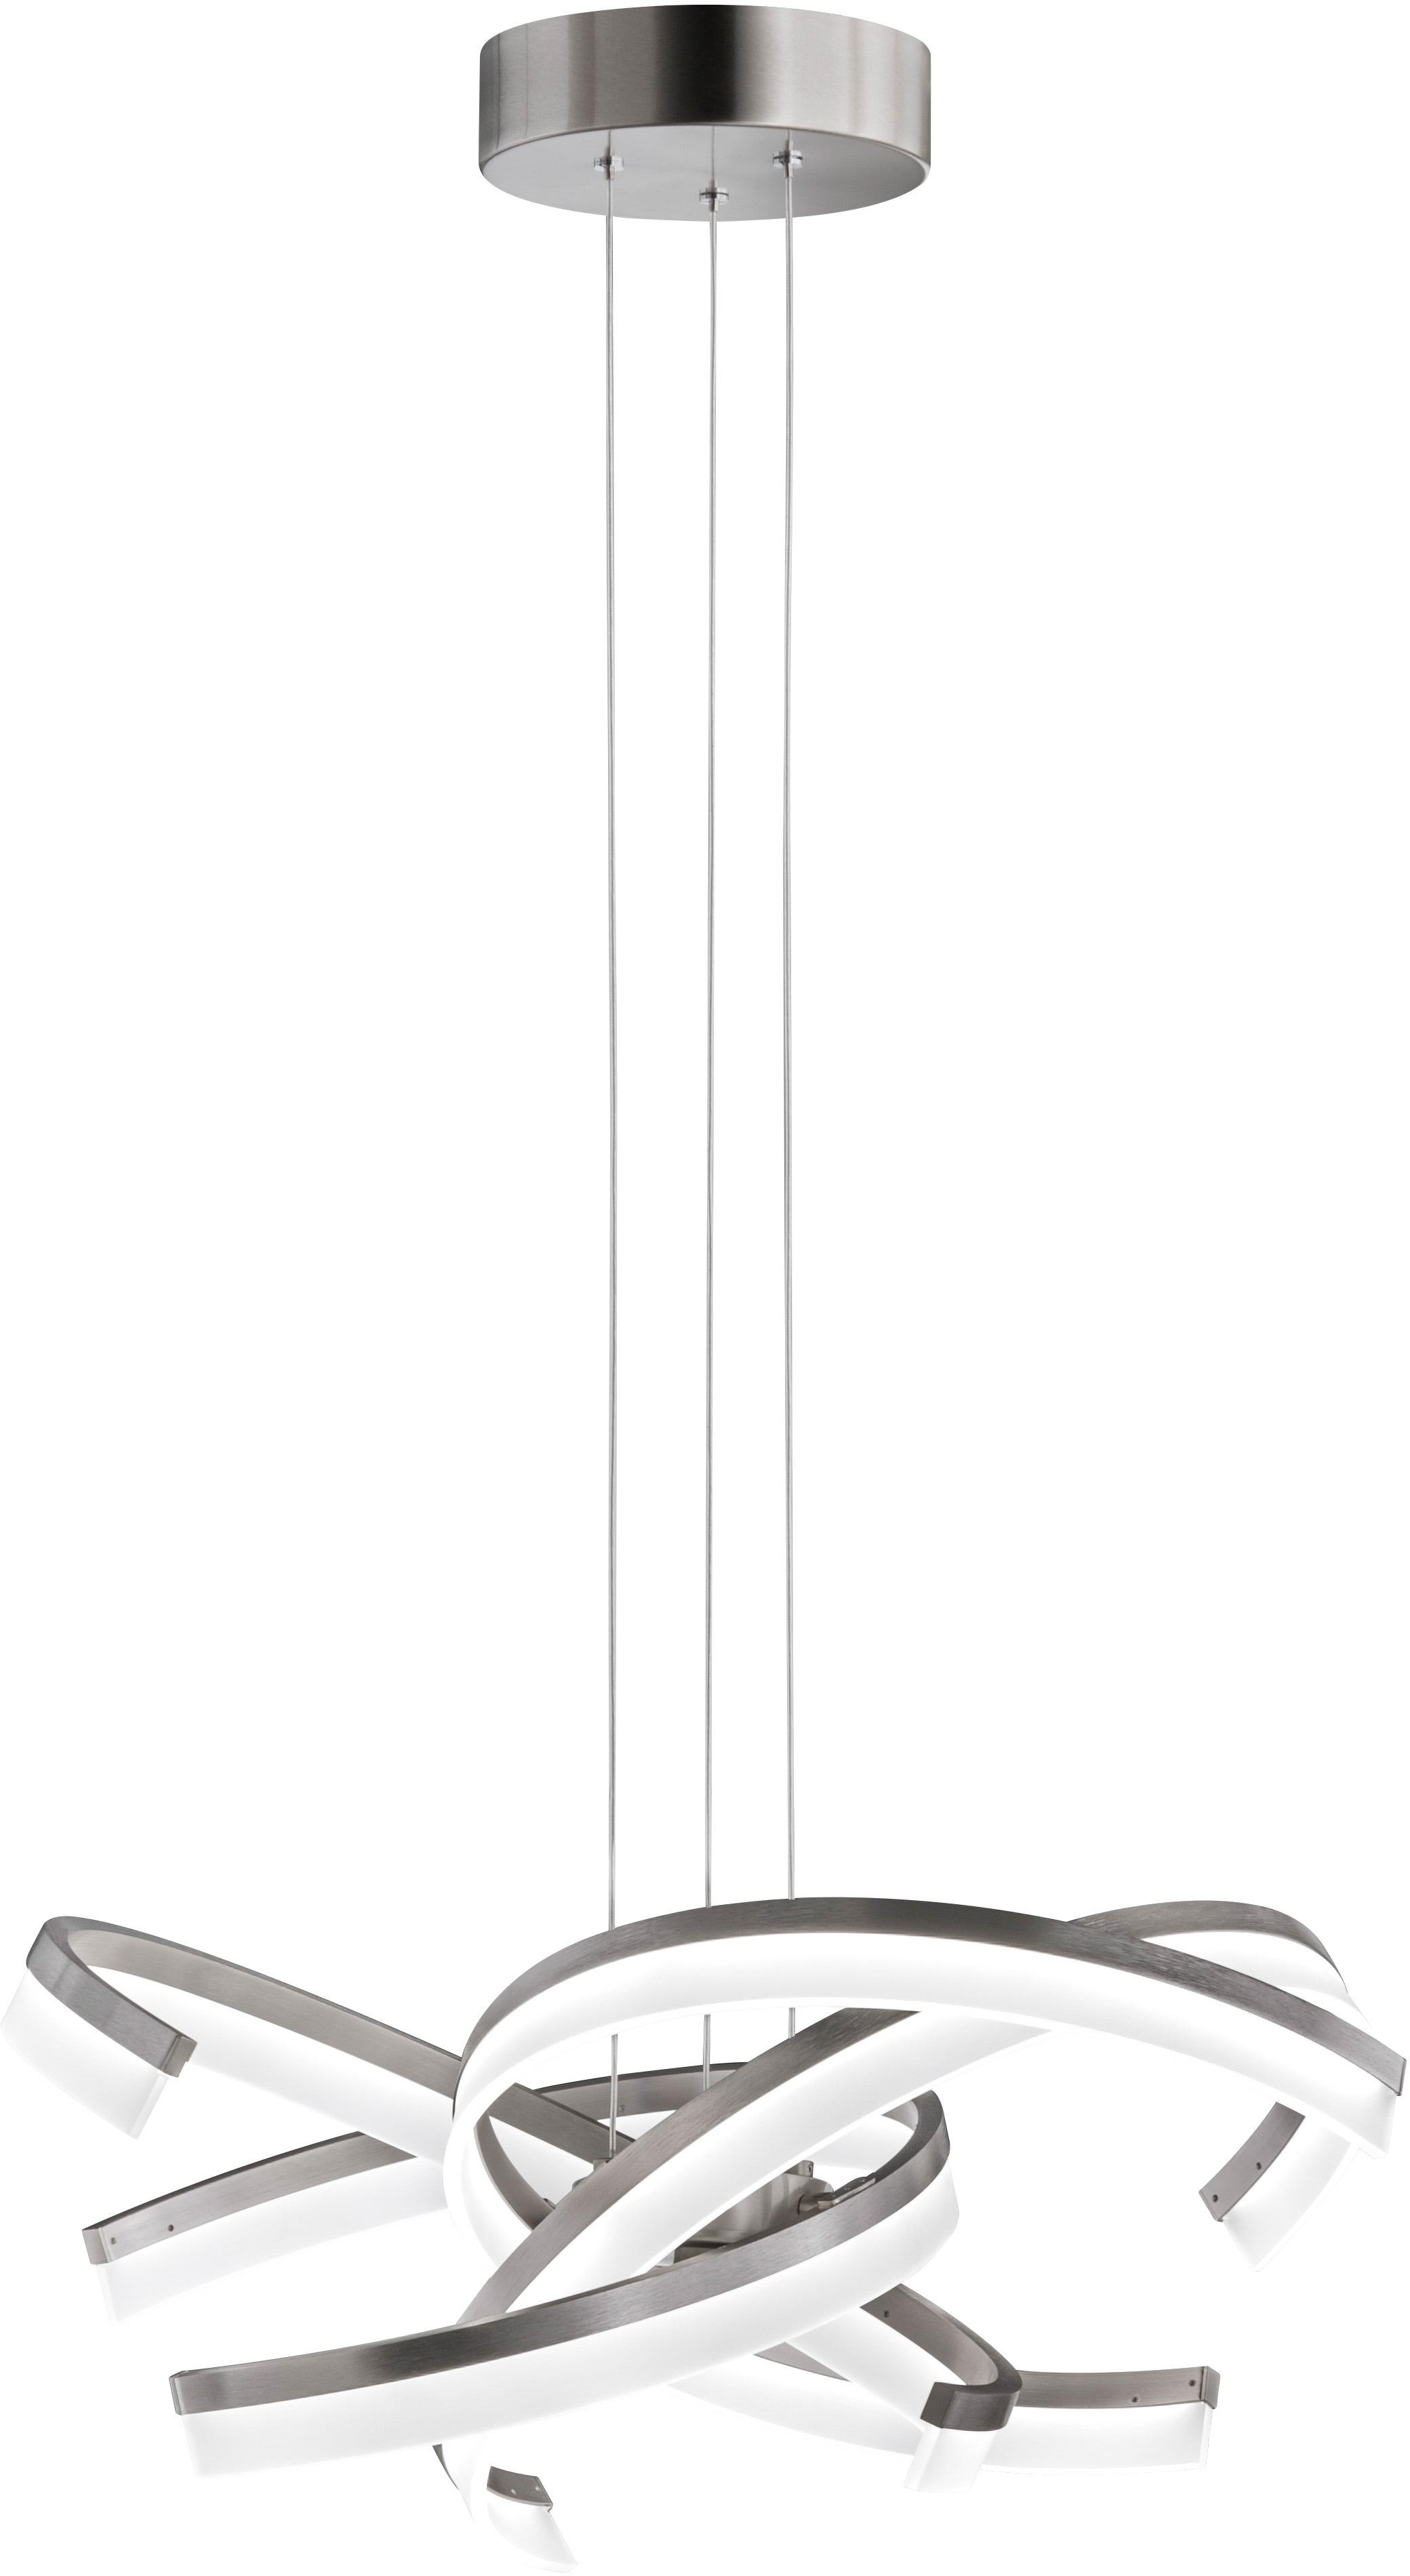 FISCHER & HONSEL LED Pendelleuchte Sund TW, LED-Modul, Warmweiß-Neutralweiß-Tageslichtweiß